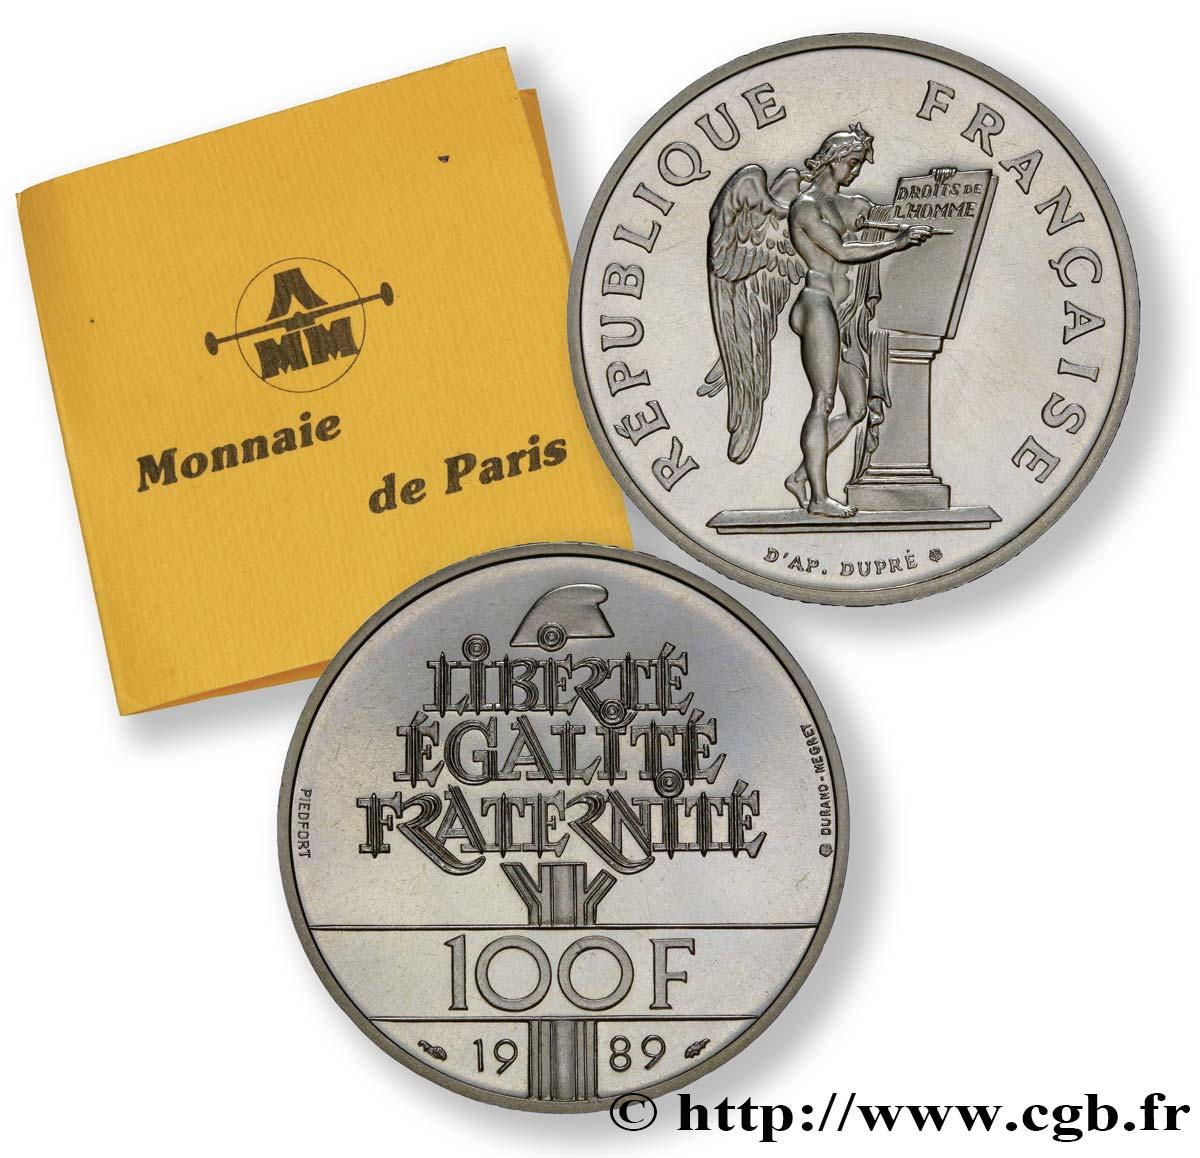 monnaie de paris 1989